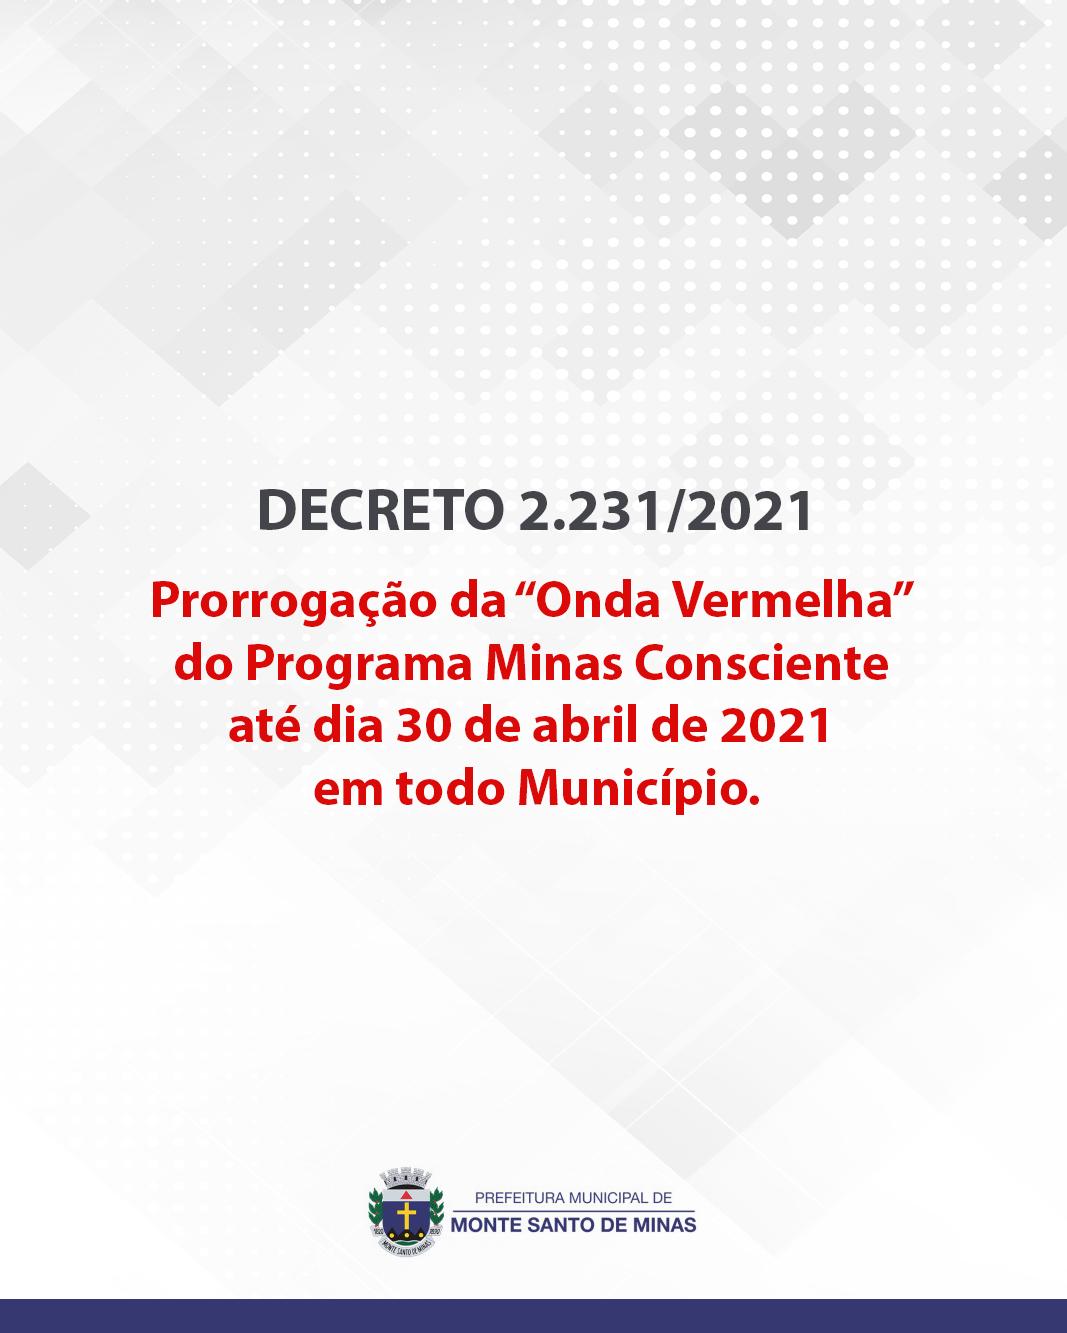 DECRETO-2231